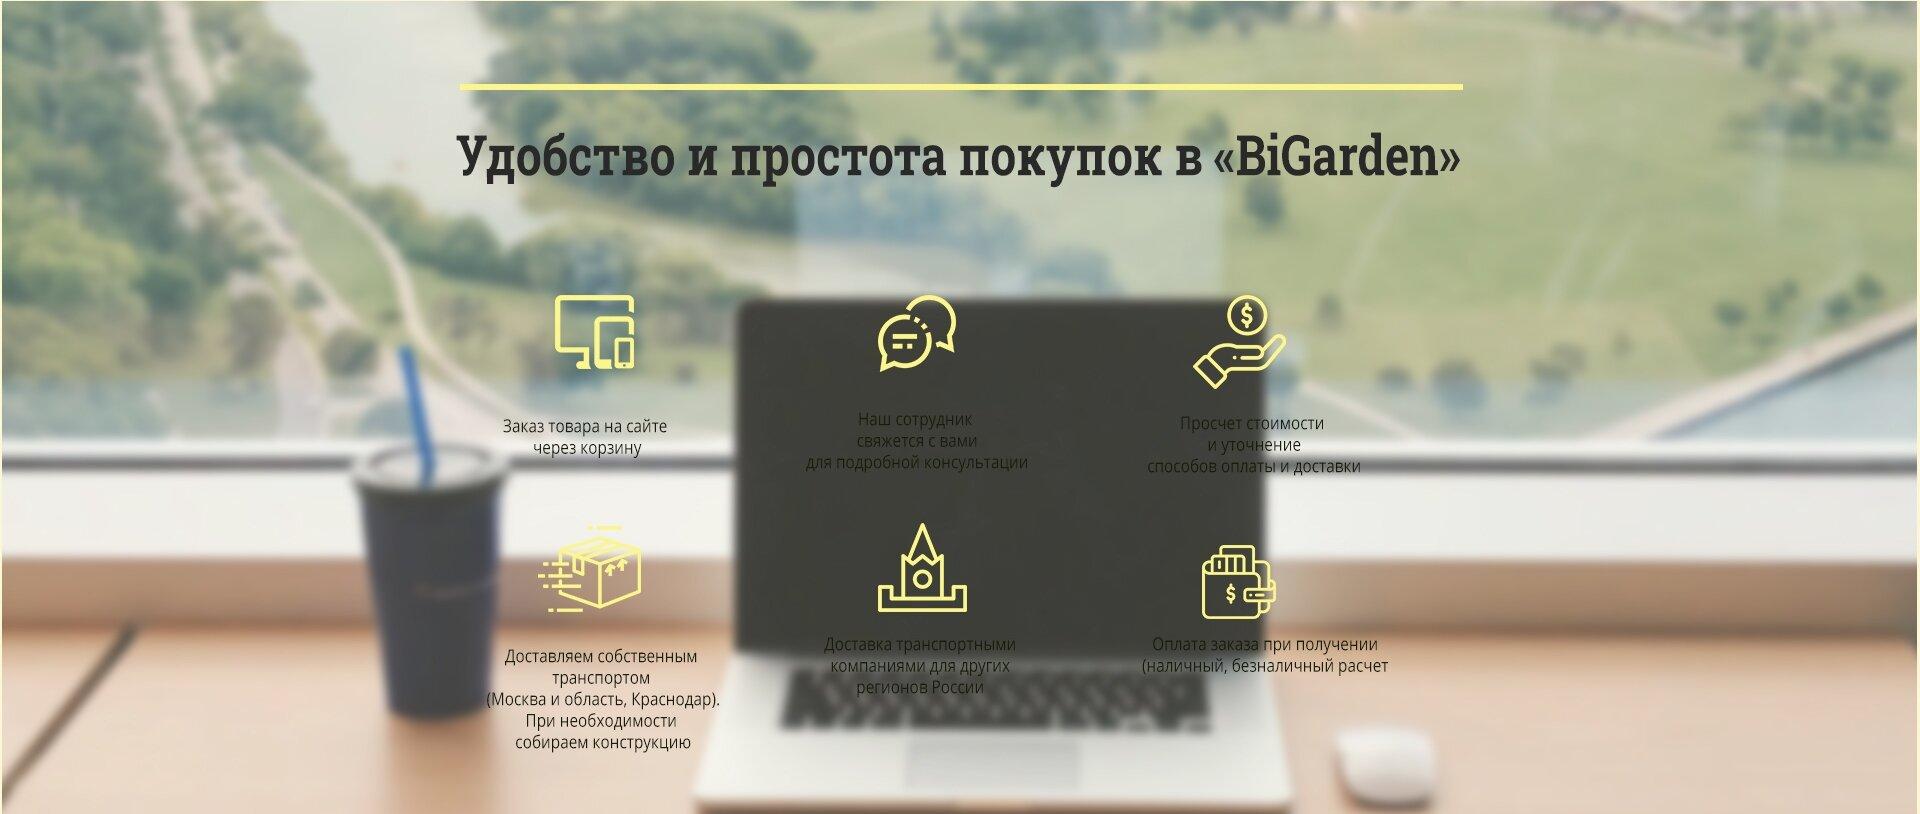 BiGarden-Group - фото pic_e5d4fe72c113691d68f58fab0b29d8cd_1920x9000_1.jpg